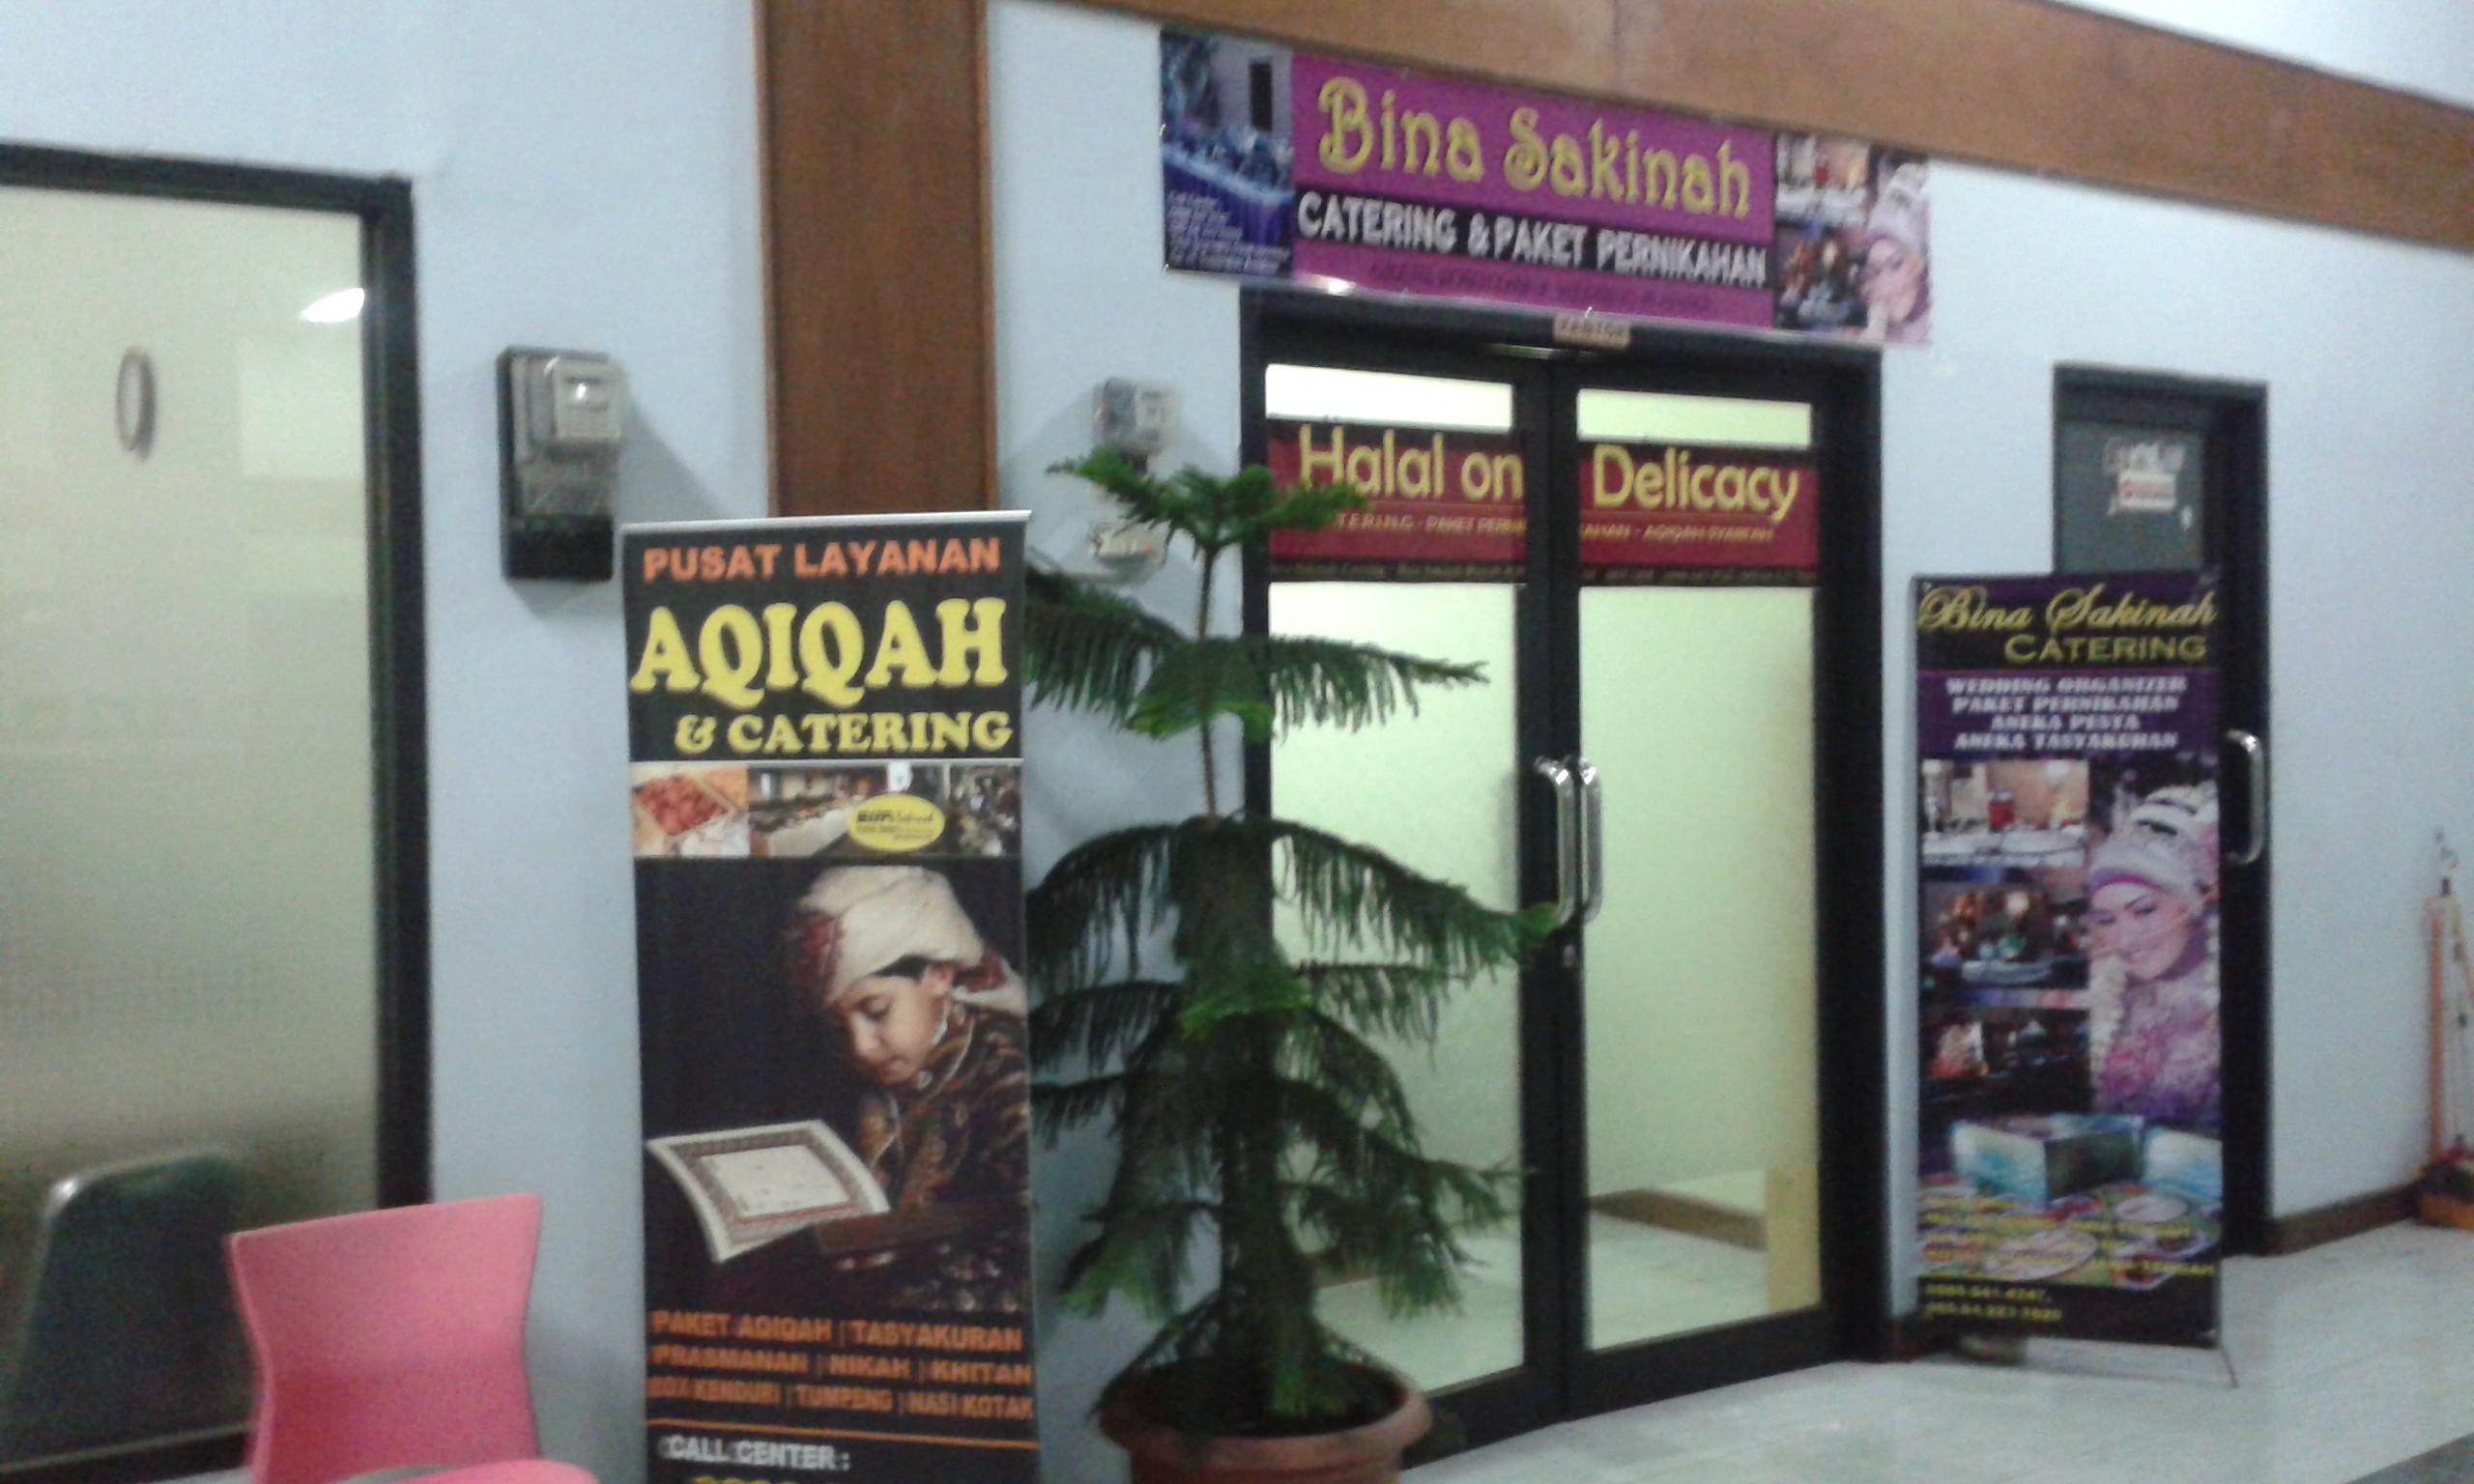 gedung pernikahan islamic center Jawa Tengah, gedung pernikahan nuansa islami di Semarang